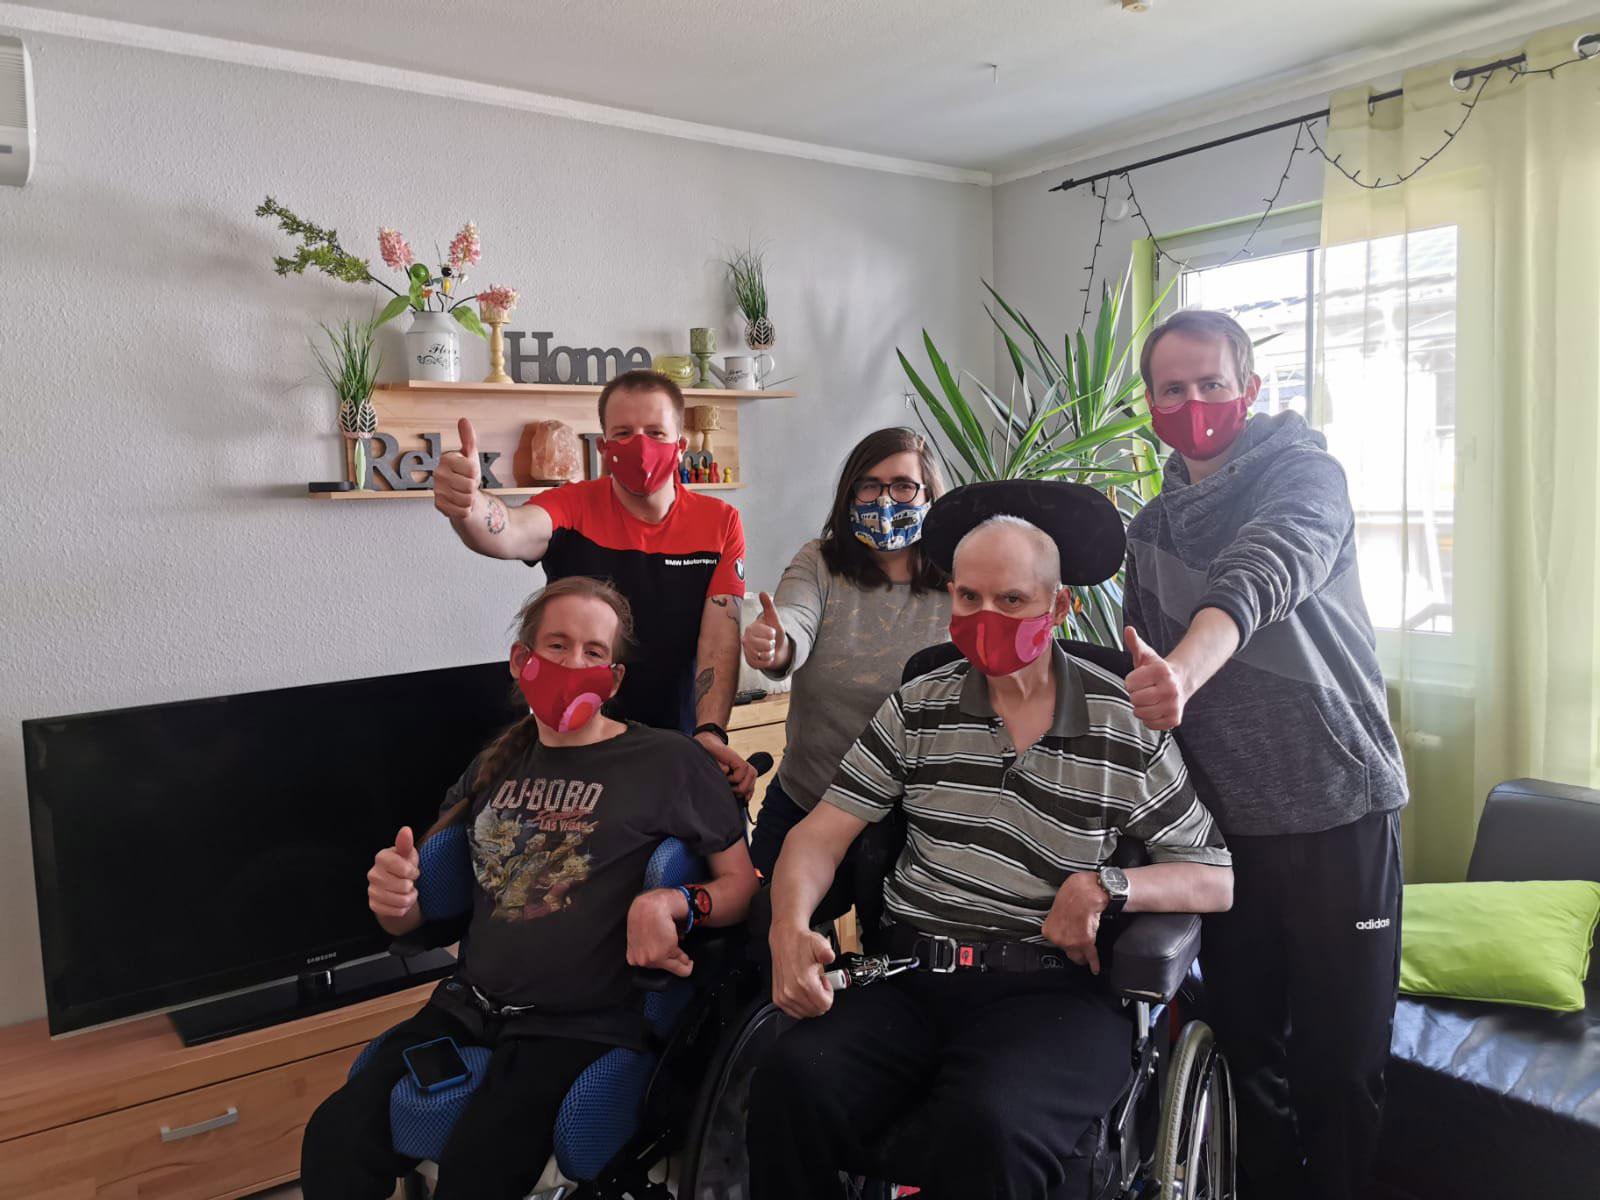 Glückliche (verdeckte) Gesichter aus unserem Wohnheim: Viele fleißige Näherinnen und Näher hatten die Lebenshilfe Nürnberger Land unterstützt und in 11 Tagen 1000 Masken genäht.